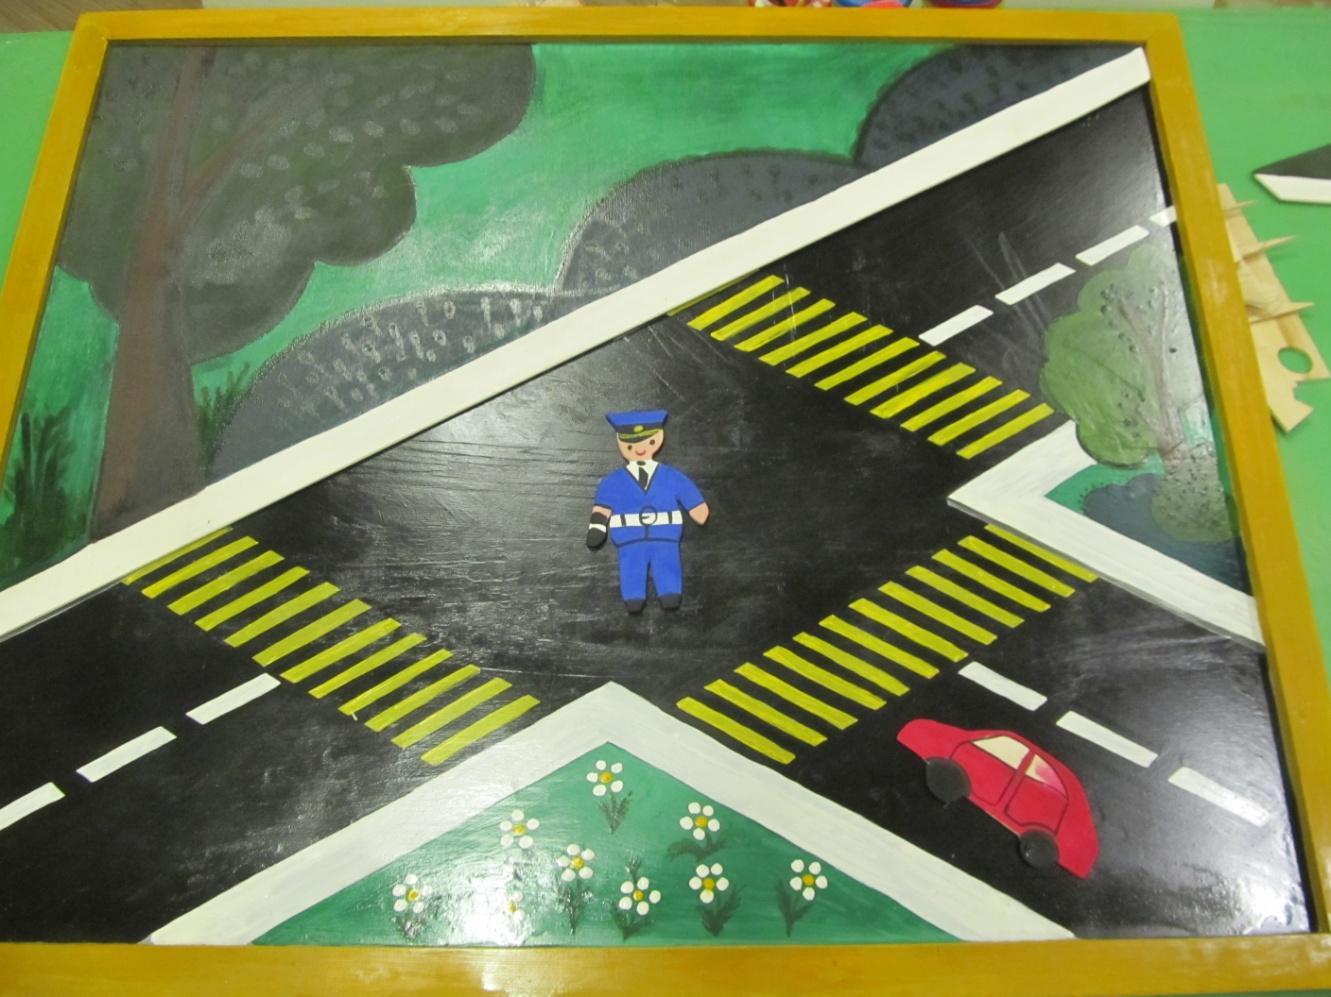 макет дорожного перекрестка картинки высоты птичьего полета